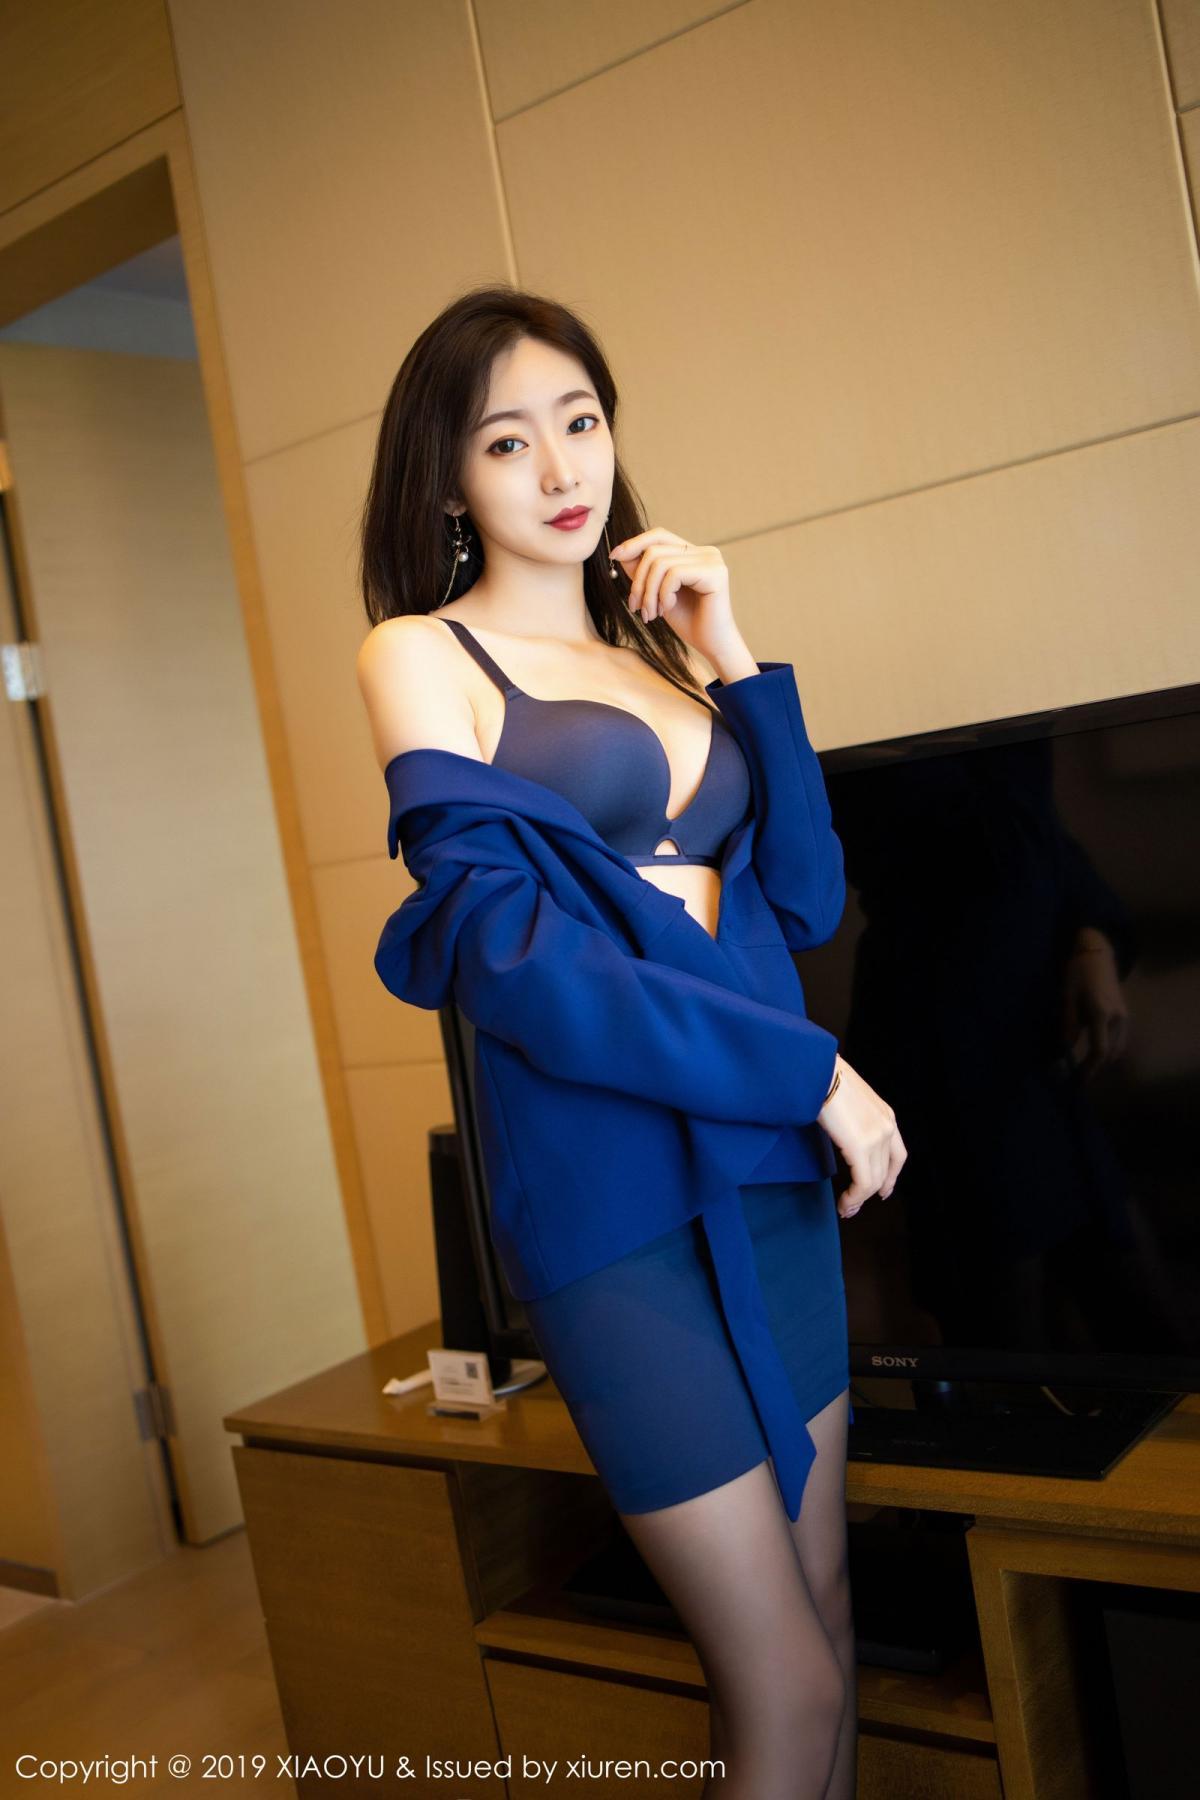 [XiaoYu] Vol.203 An Qi Yee 31P, An Qi Yee, Black Silk, Tall, Uniform, XiaoYu